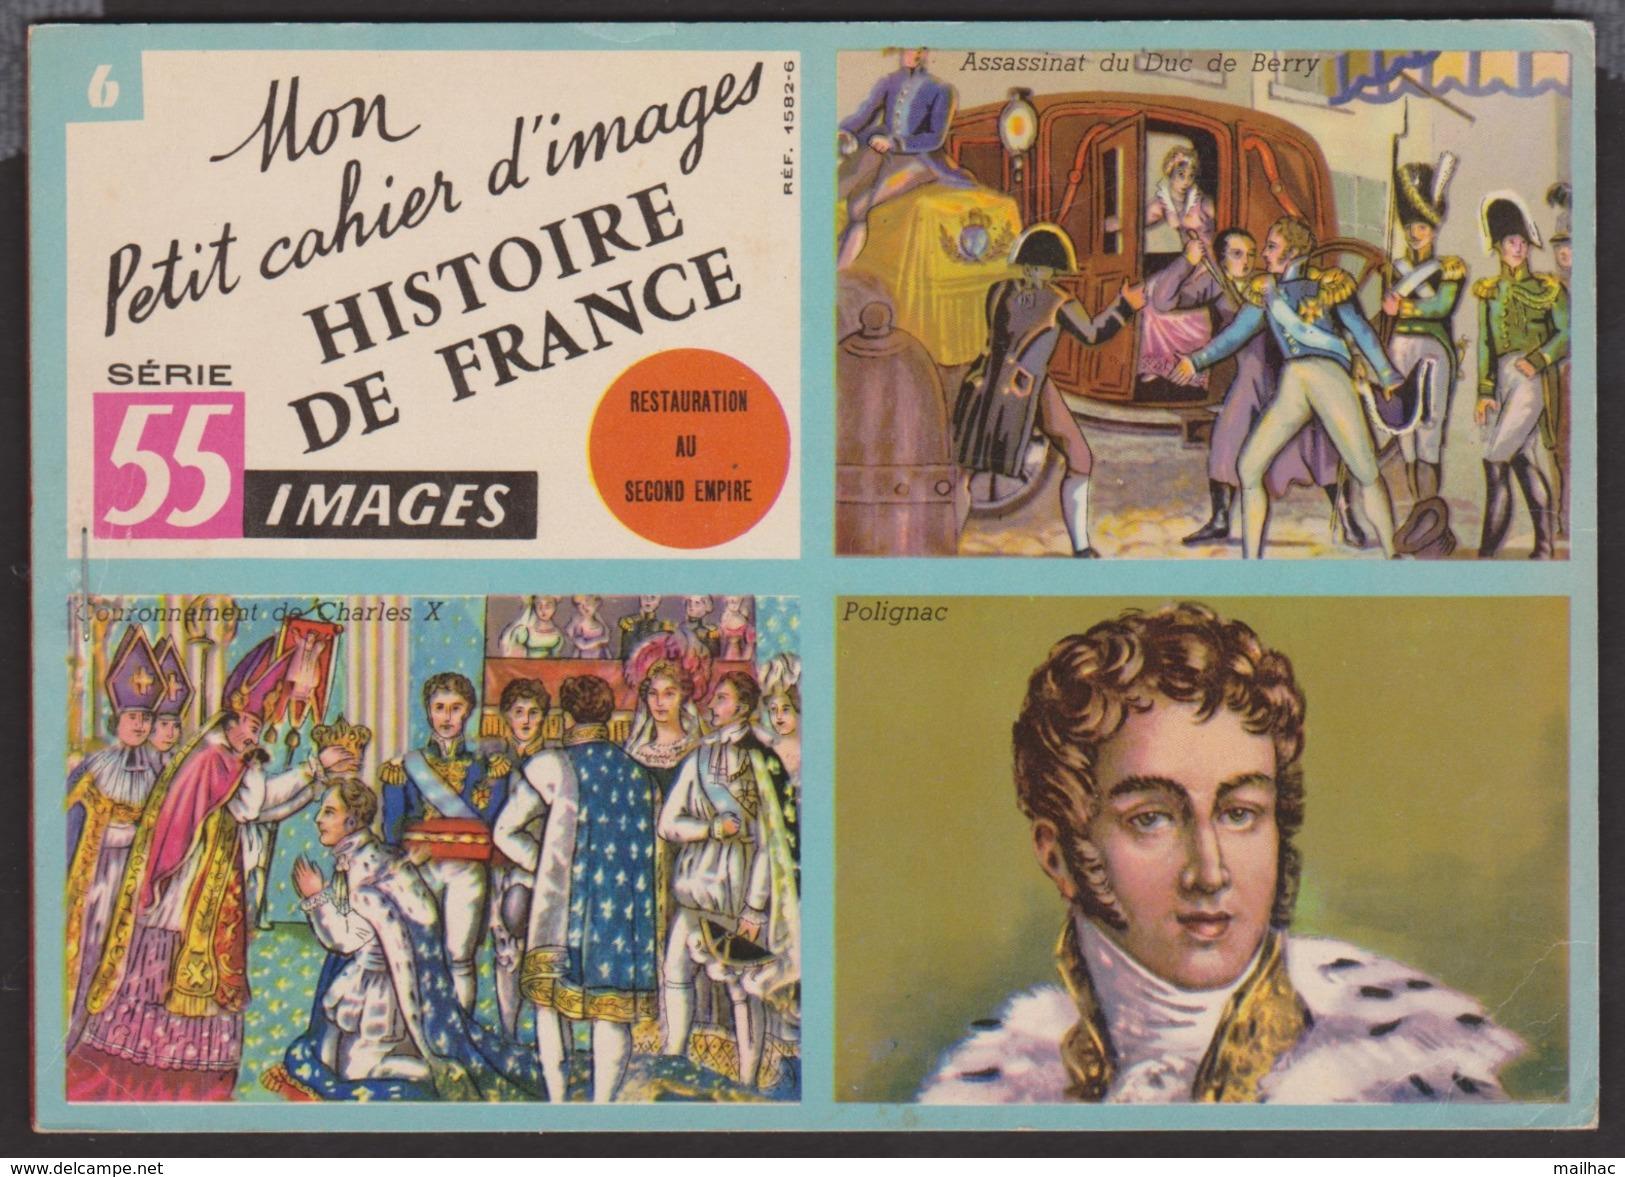 Livret De 46 Images - Mon Petit Cahier D'images - Série 55 - Restauration Au Second Empire - Histoire De France -2 Scans - Livres, BD, Revues